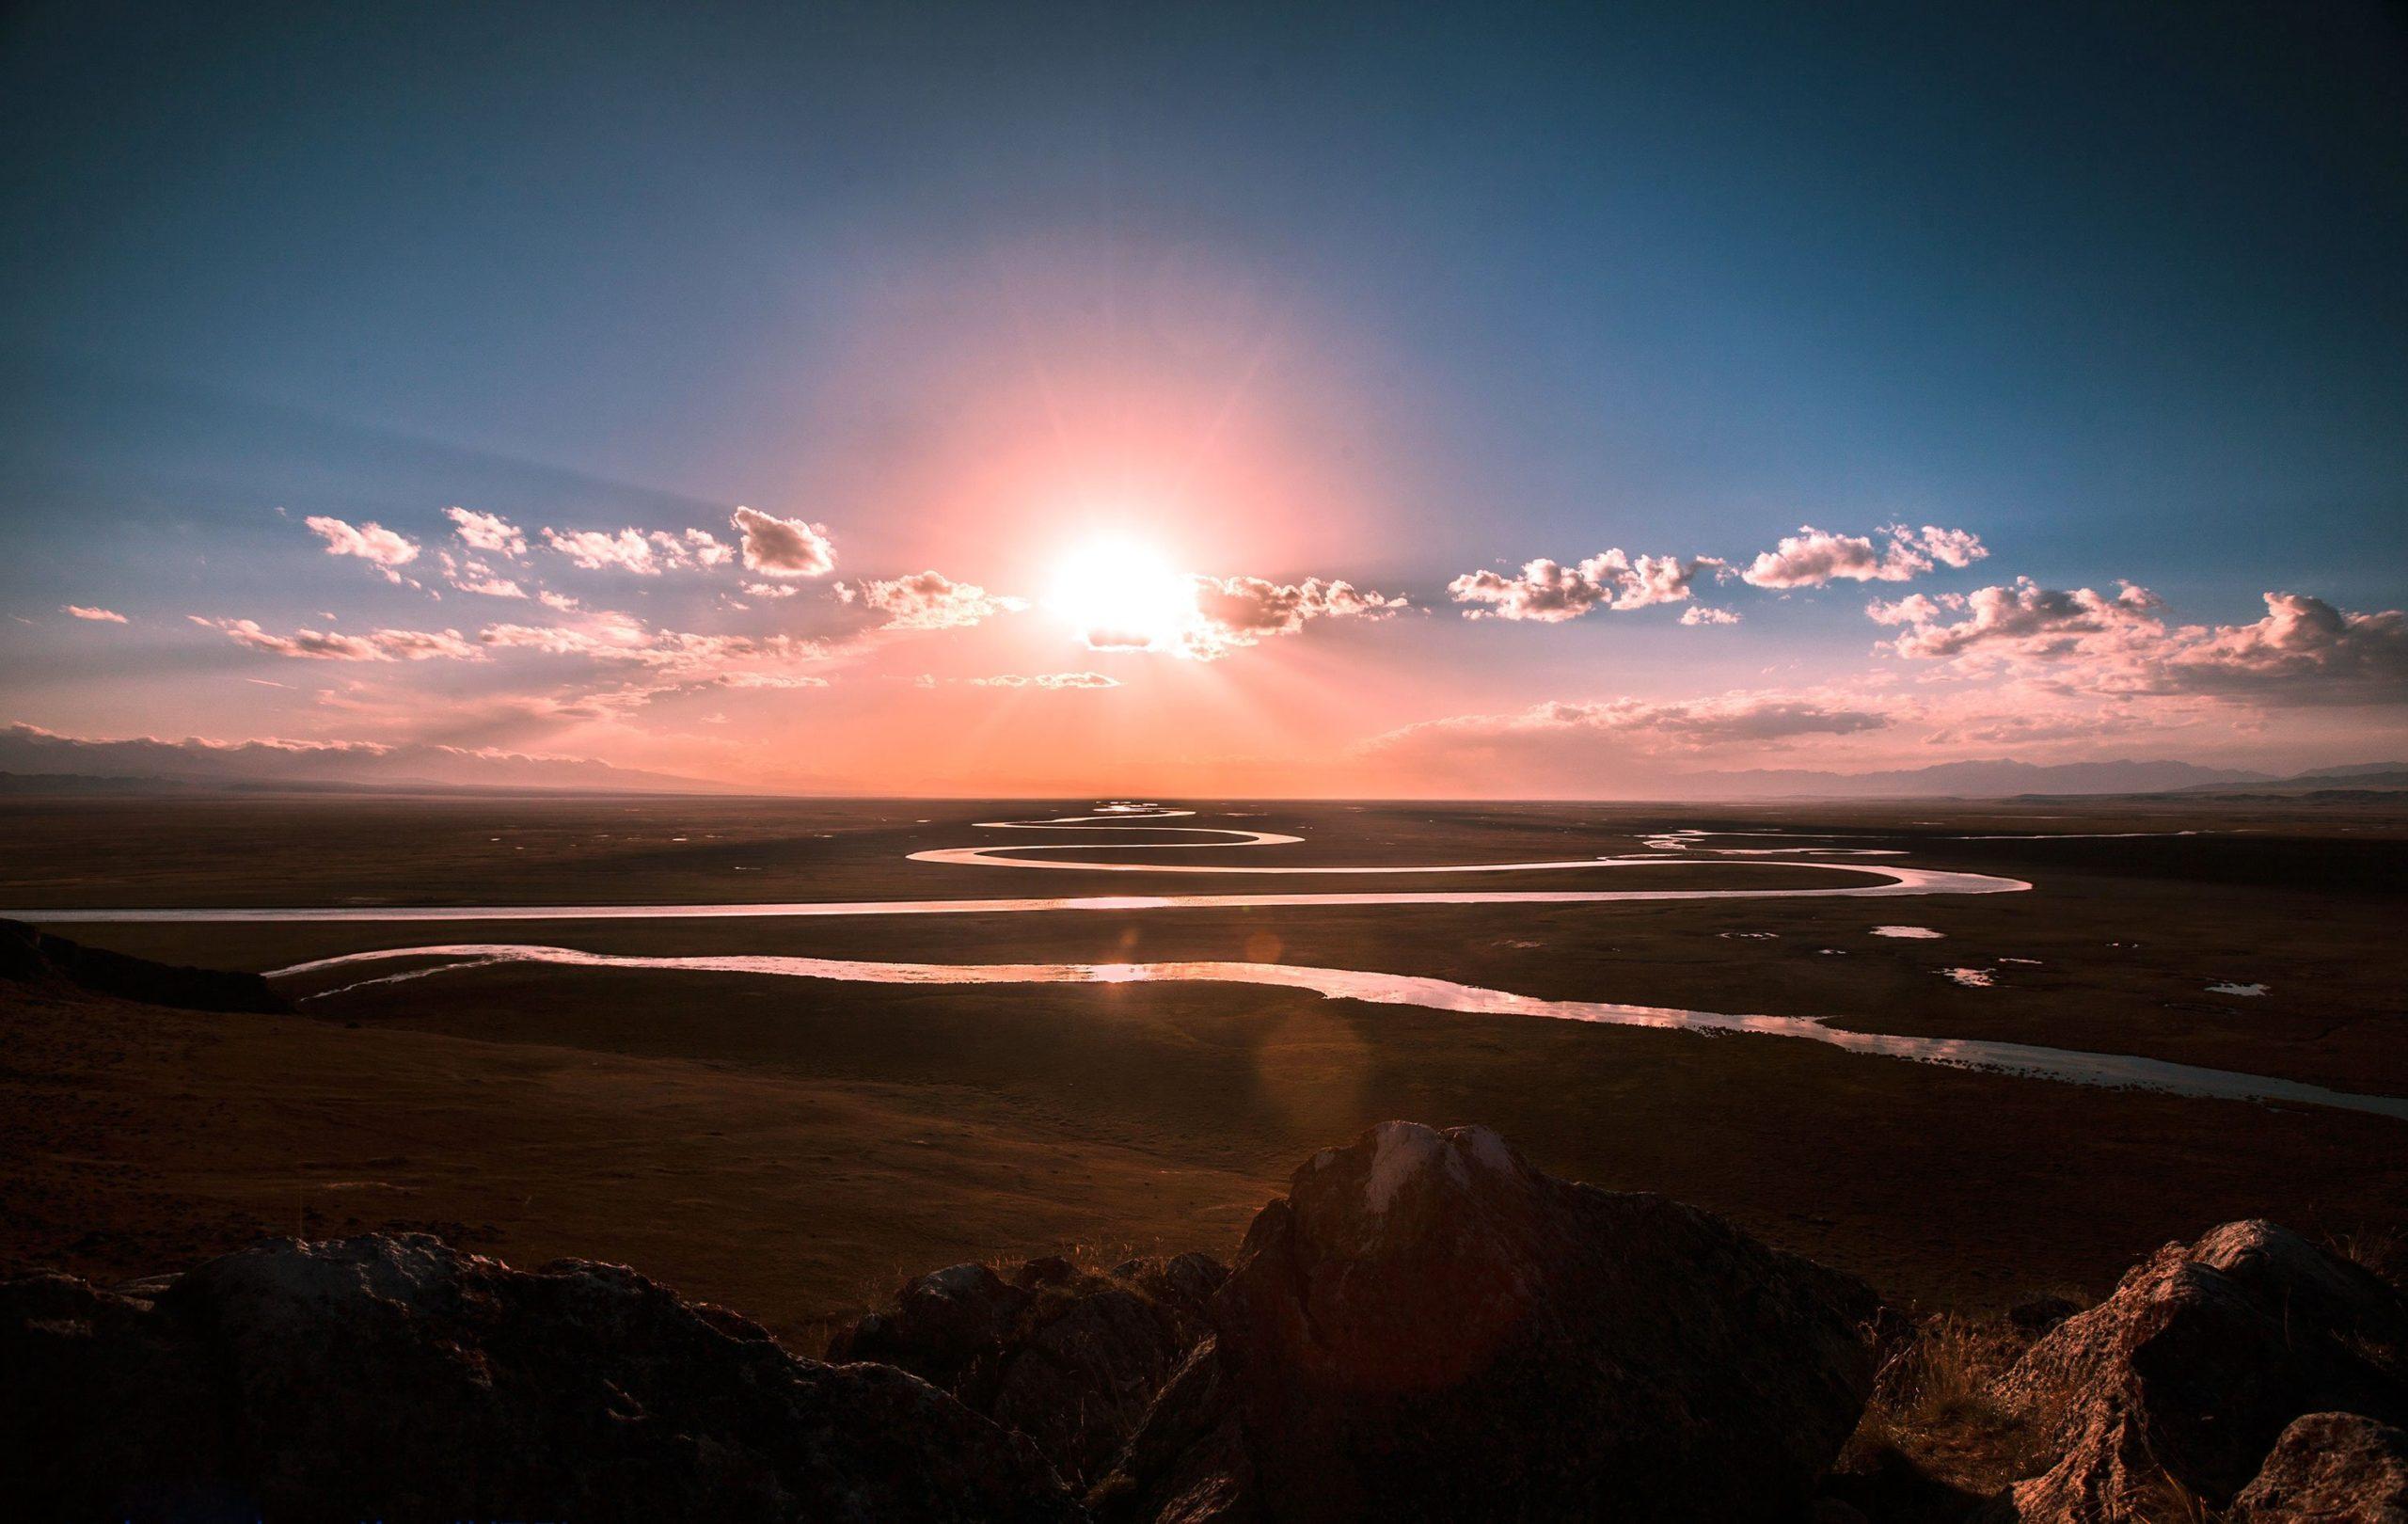 Ein Fluss schlängelt sich in Windungen Richtung Horizont als Symbol dafür, dass Hypnose nicht immer auf geradem Weg schnell zu einem vorher anvisierten Ziel führt